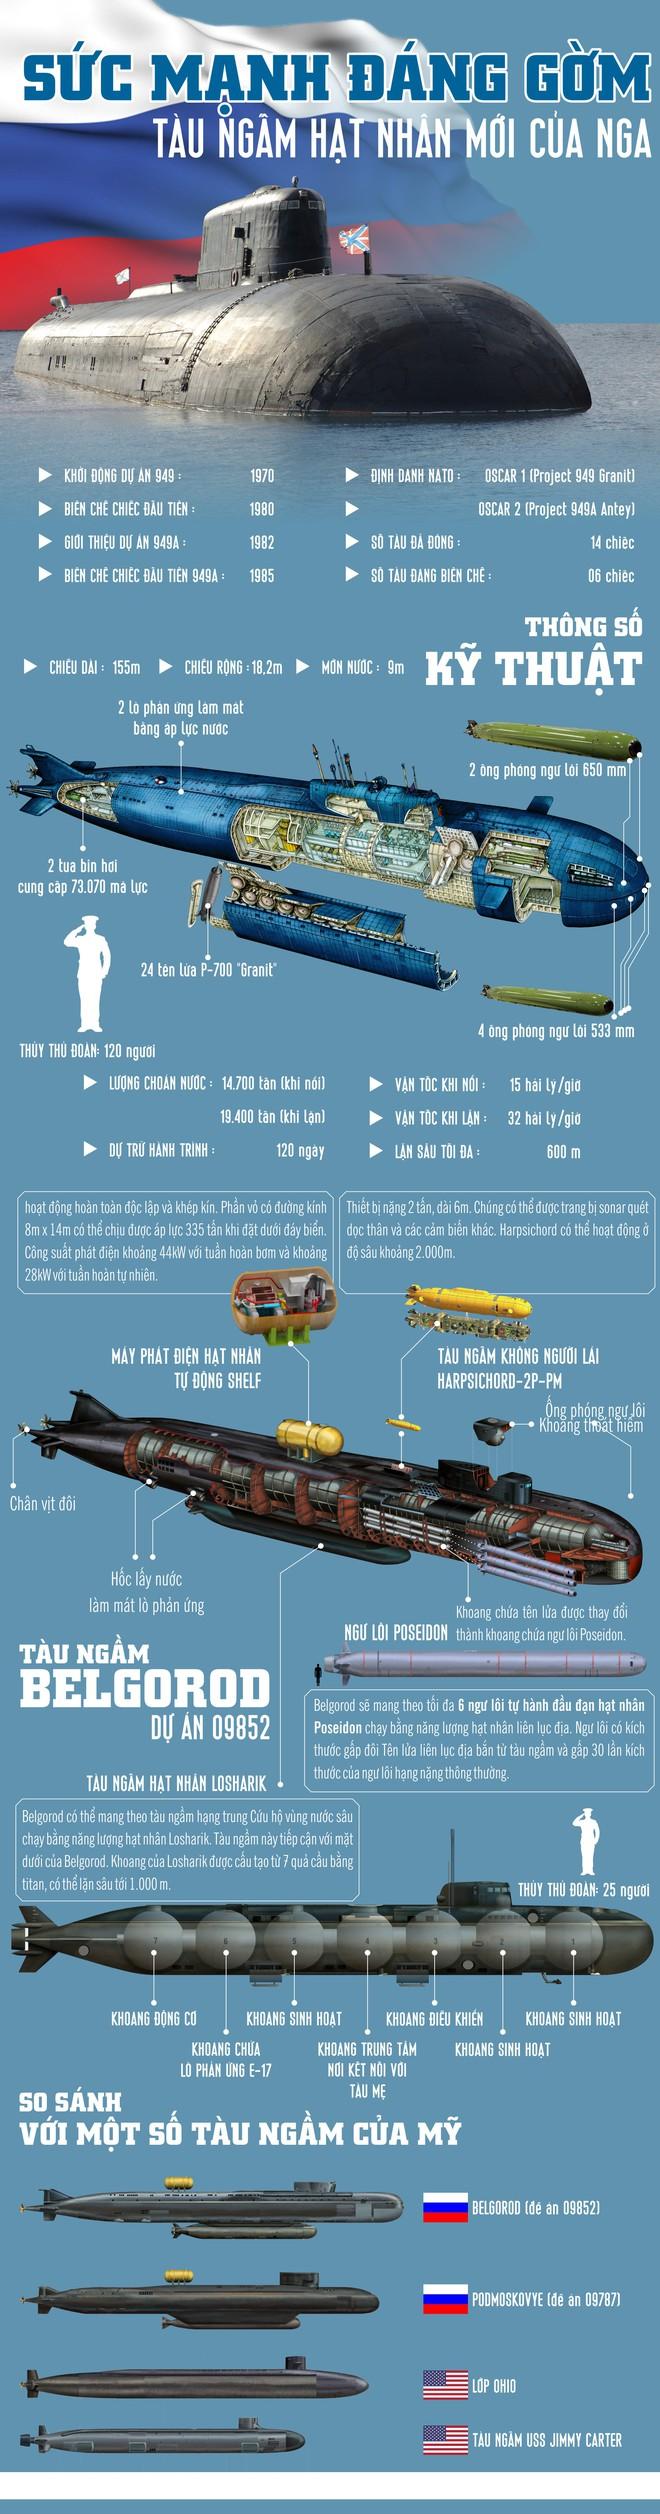 Lộ thông số bí mật của tàu ngầm Nga mang siêu vũ khí: Độc nhất vô nhị - Uy lực khủng khiếp - Ảnh 1.